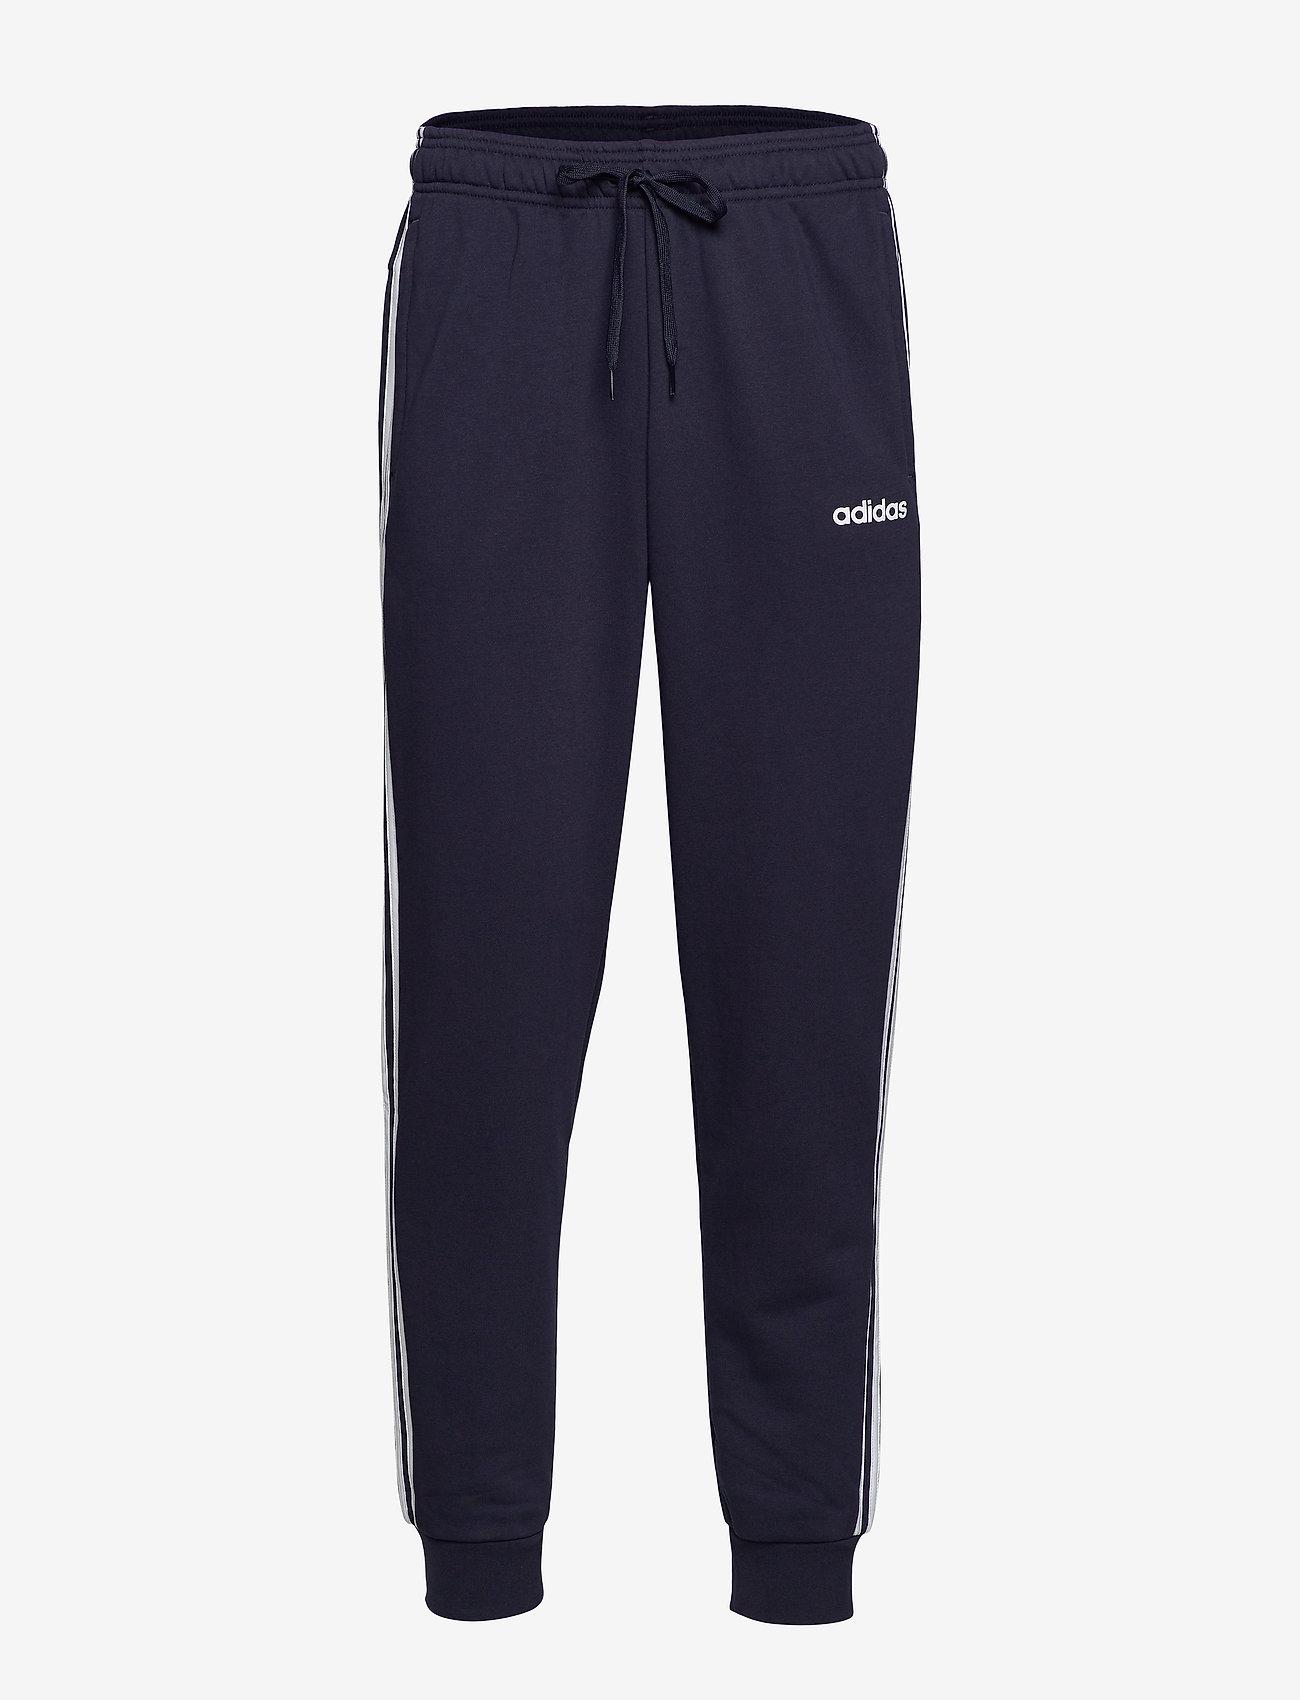 adidas Performance - E 3S T PNT FT - pants - legink/white - 1